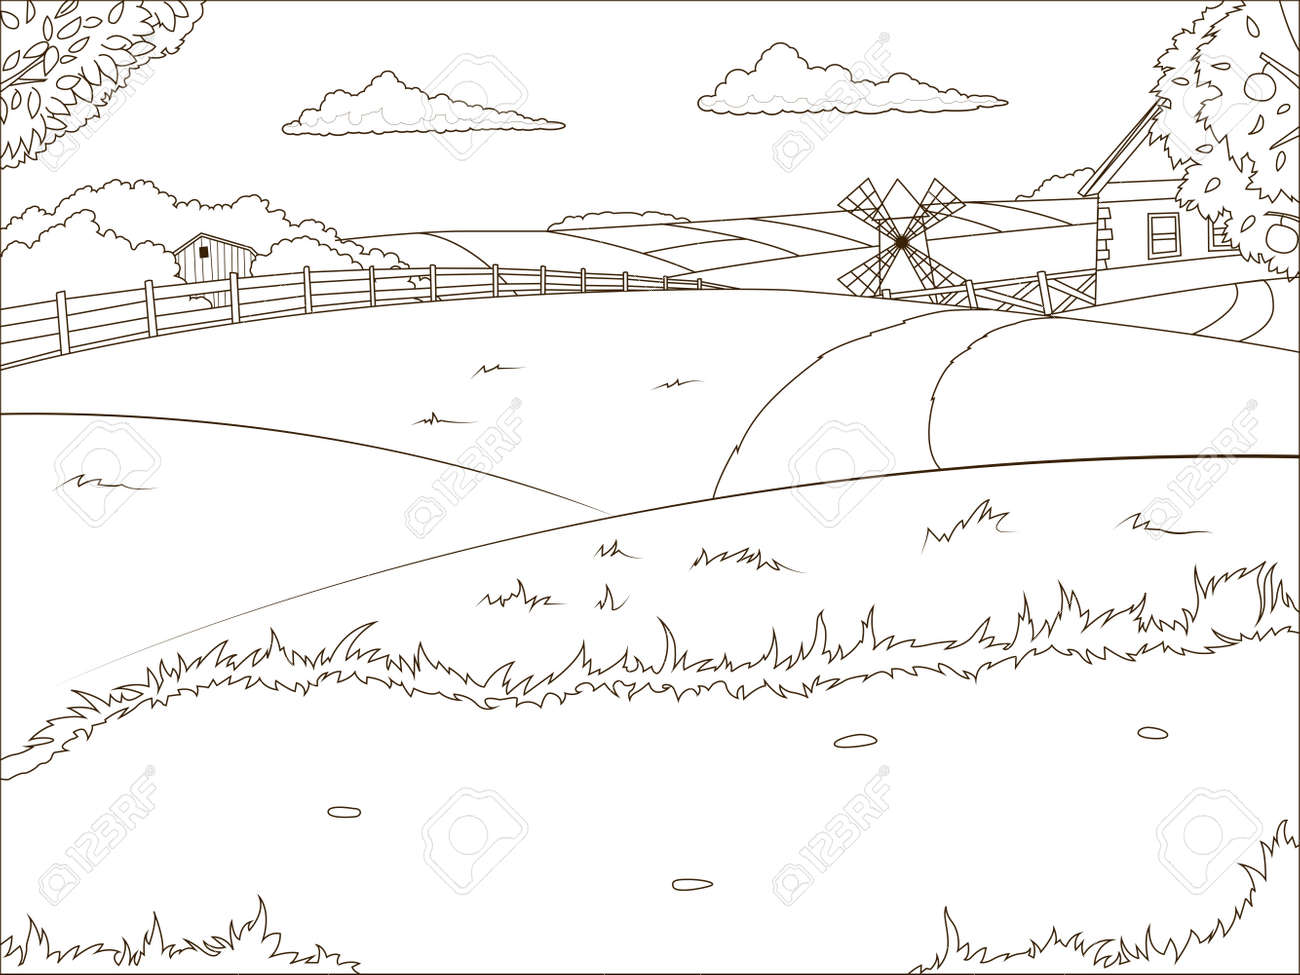 Coloriage Batiment Ferme.Livre De Coloriage Dessin Anime Ferme Vecteur Educatif Illustration